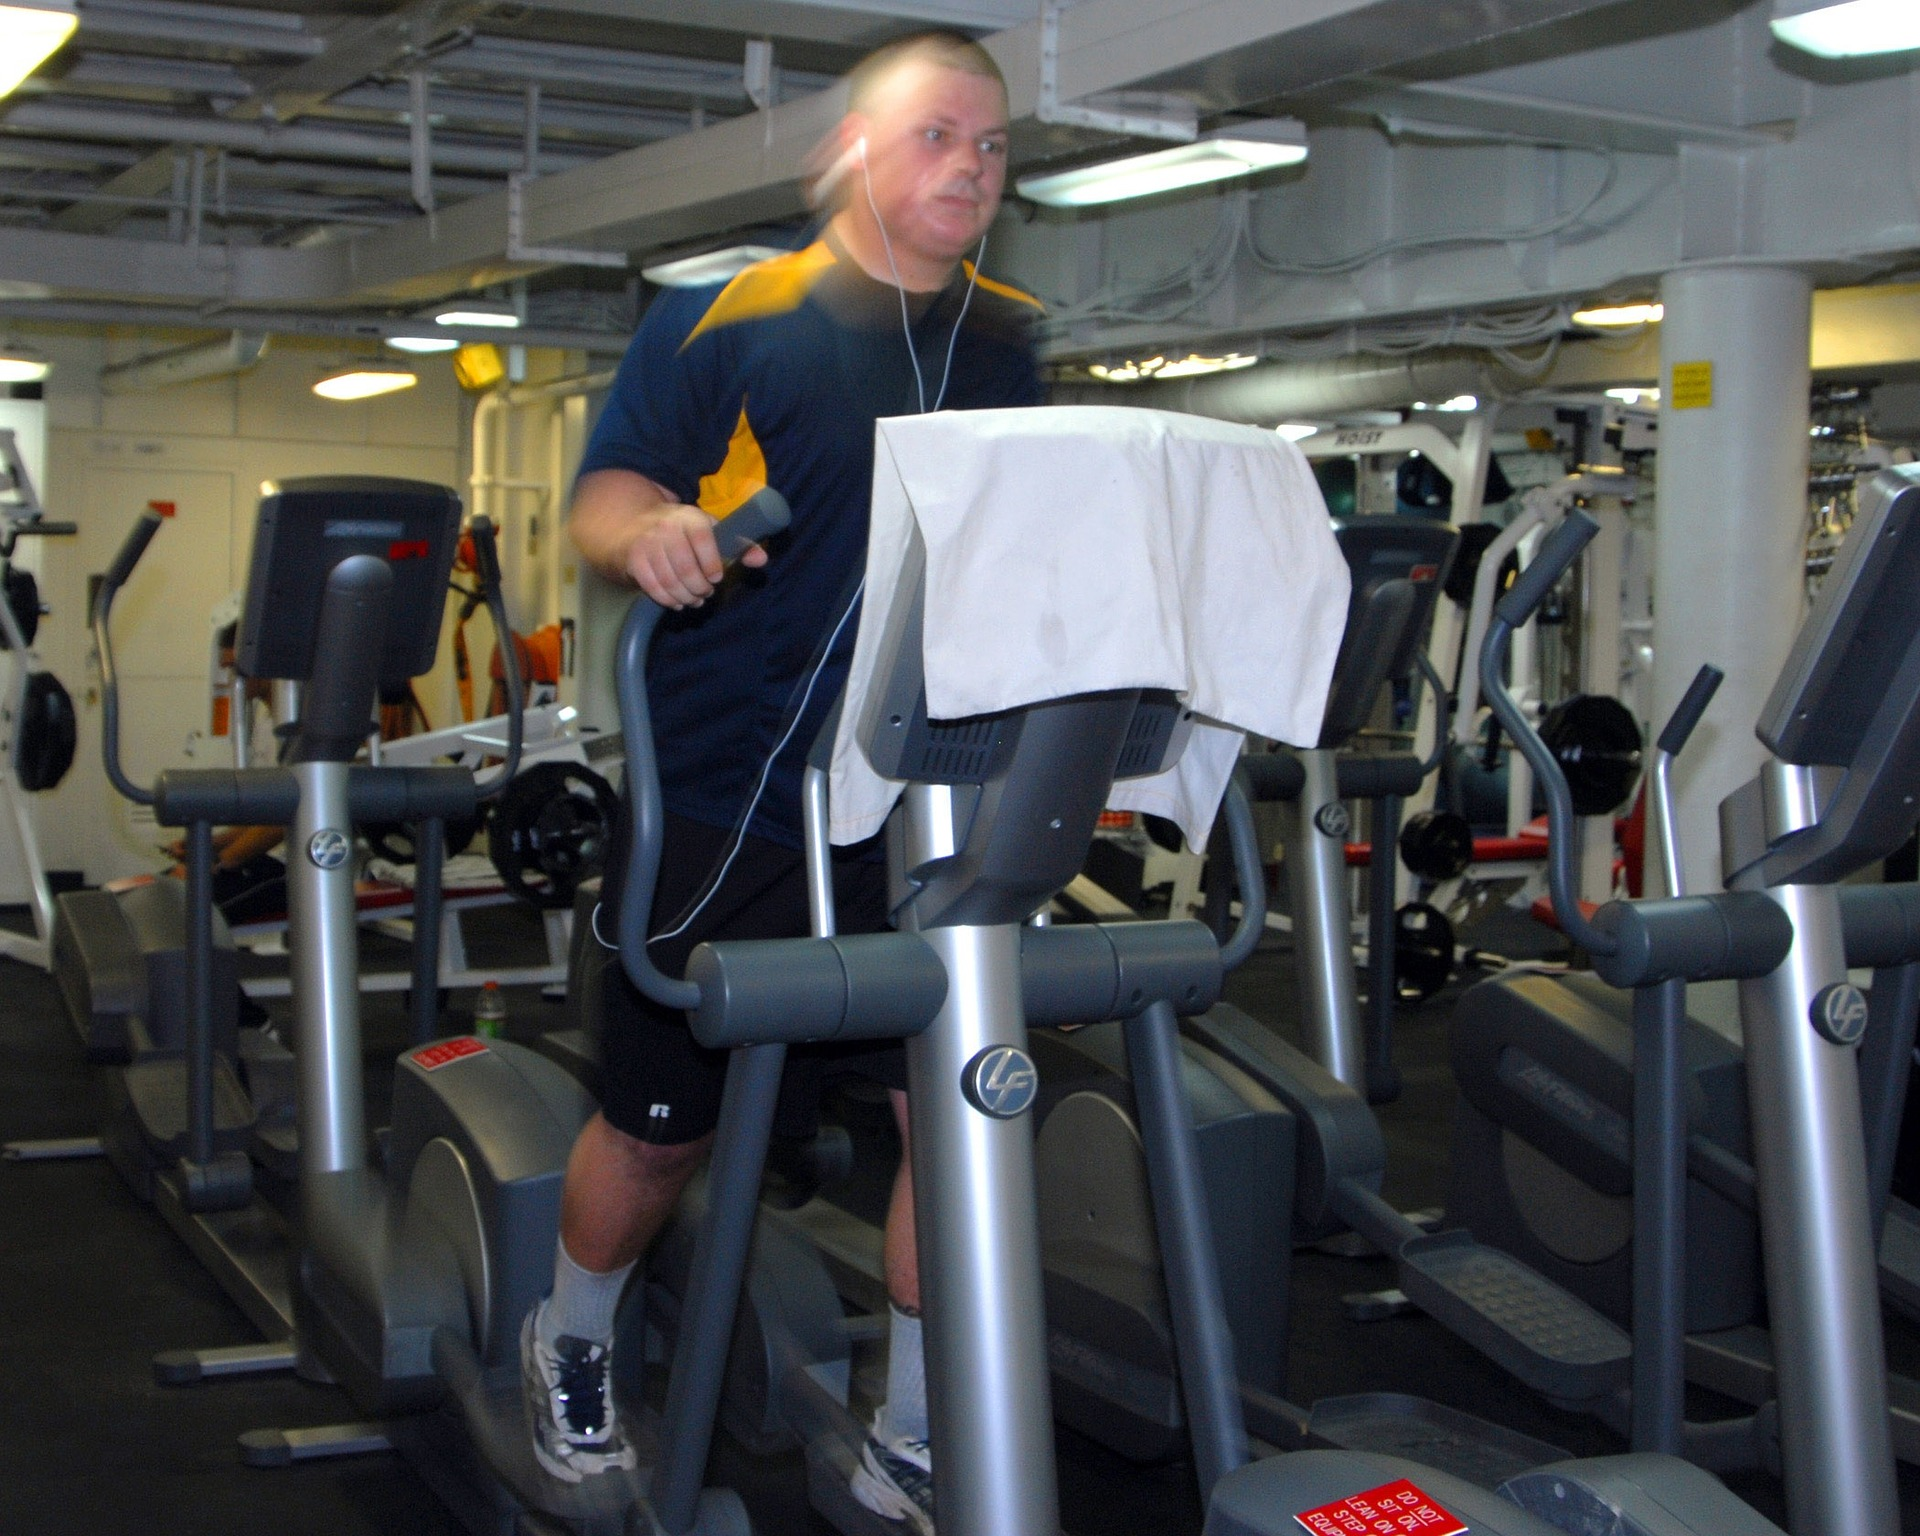 COVID-19: Atividade Física e Desporto – Espaços de Prática de Exercício Físico e Desporto e Competições Desportivas de Modalidades Individuais sem Contacto